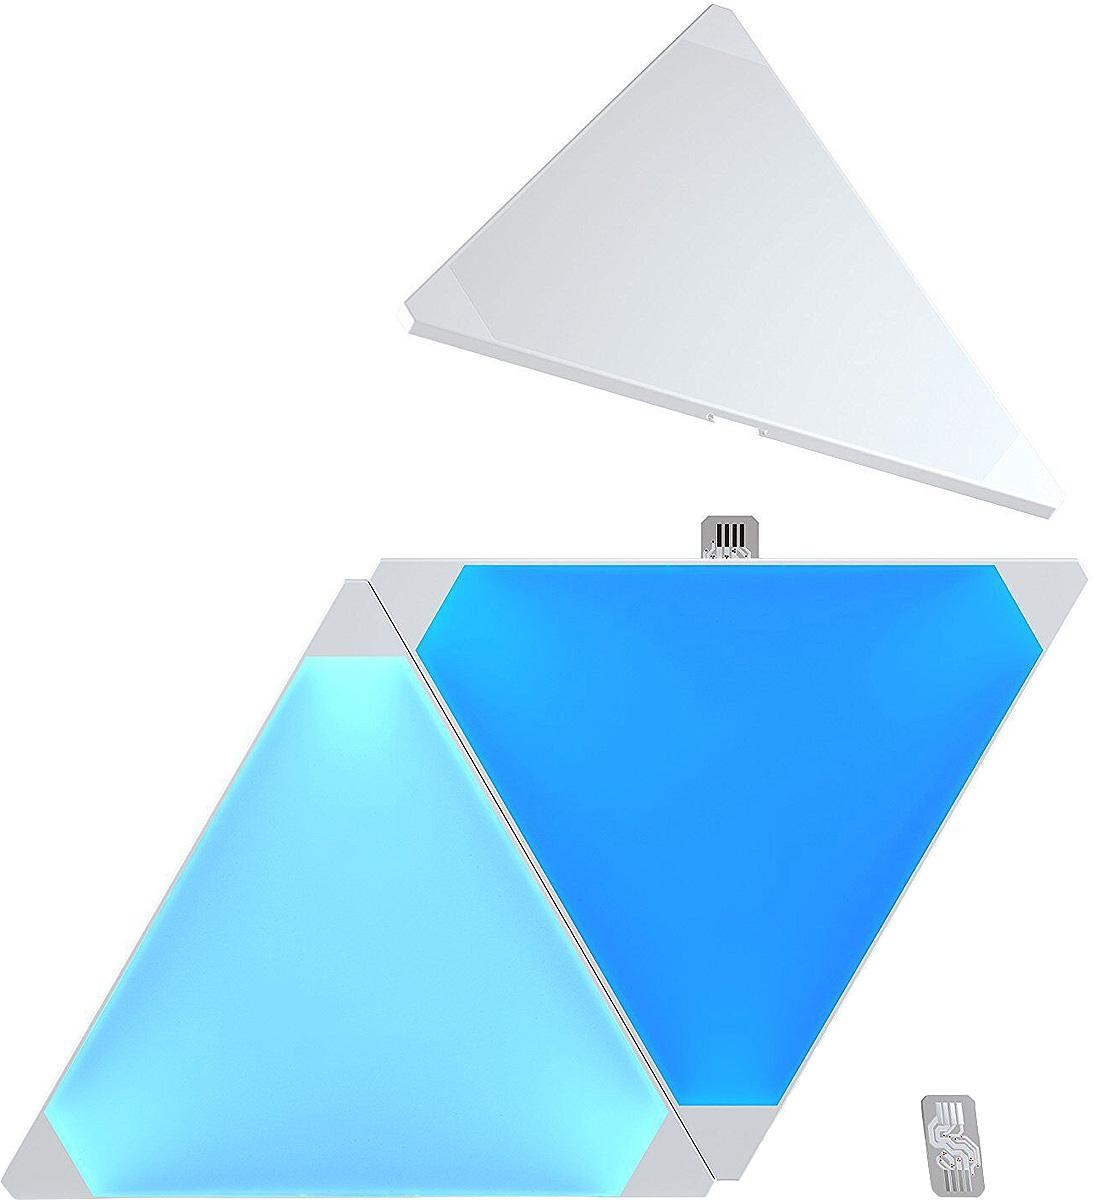 Nanoleaf дополнительные светодиодные панели для светильника Nanoleaf Light Panels, 3 шт